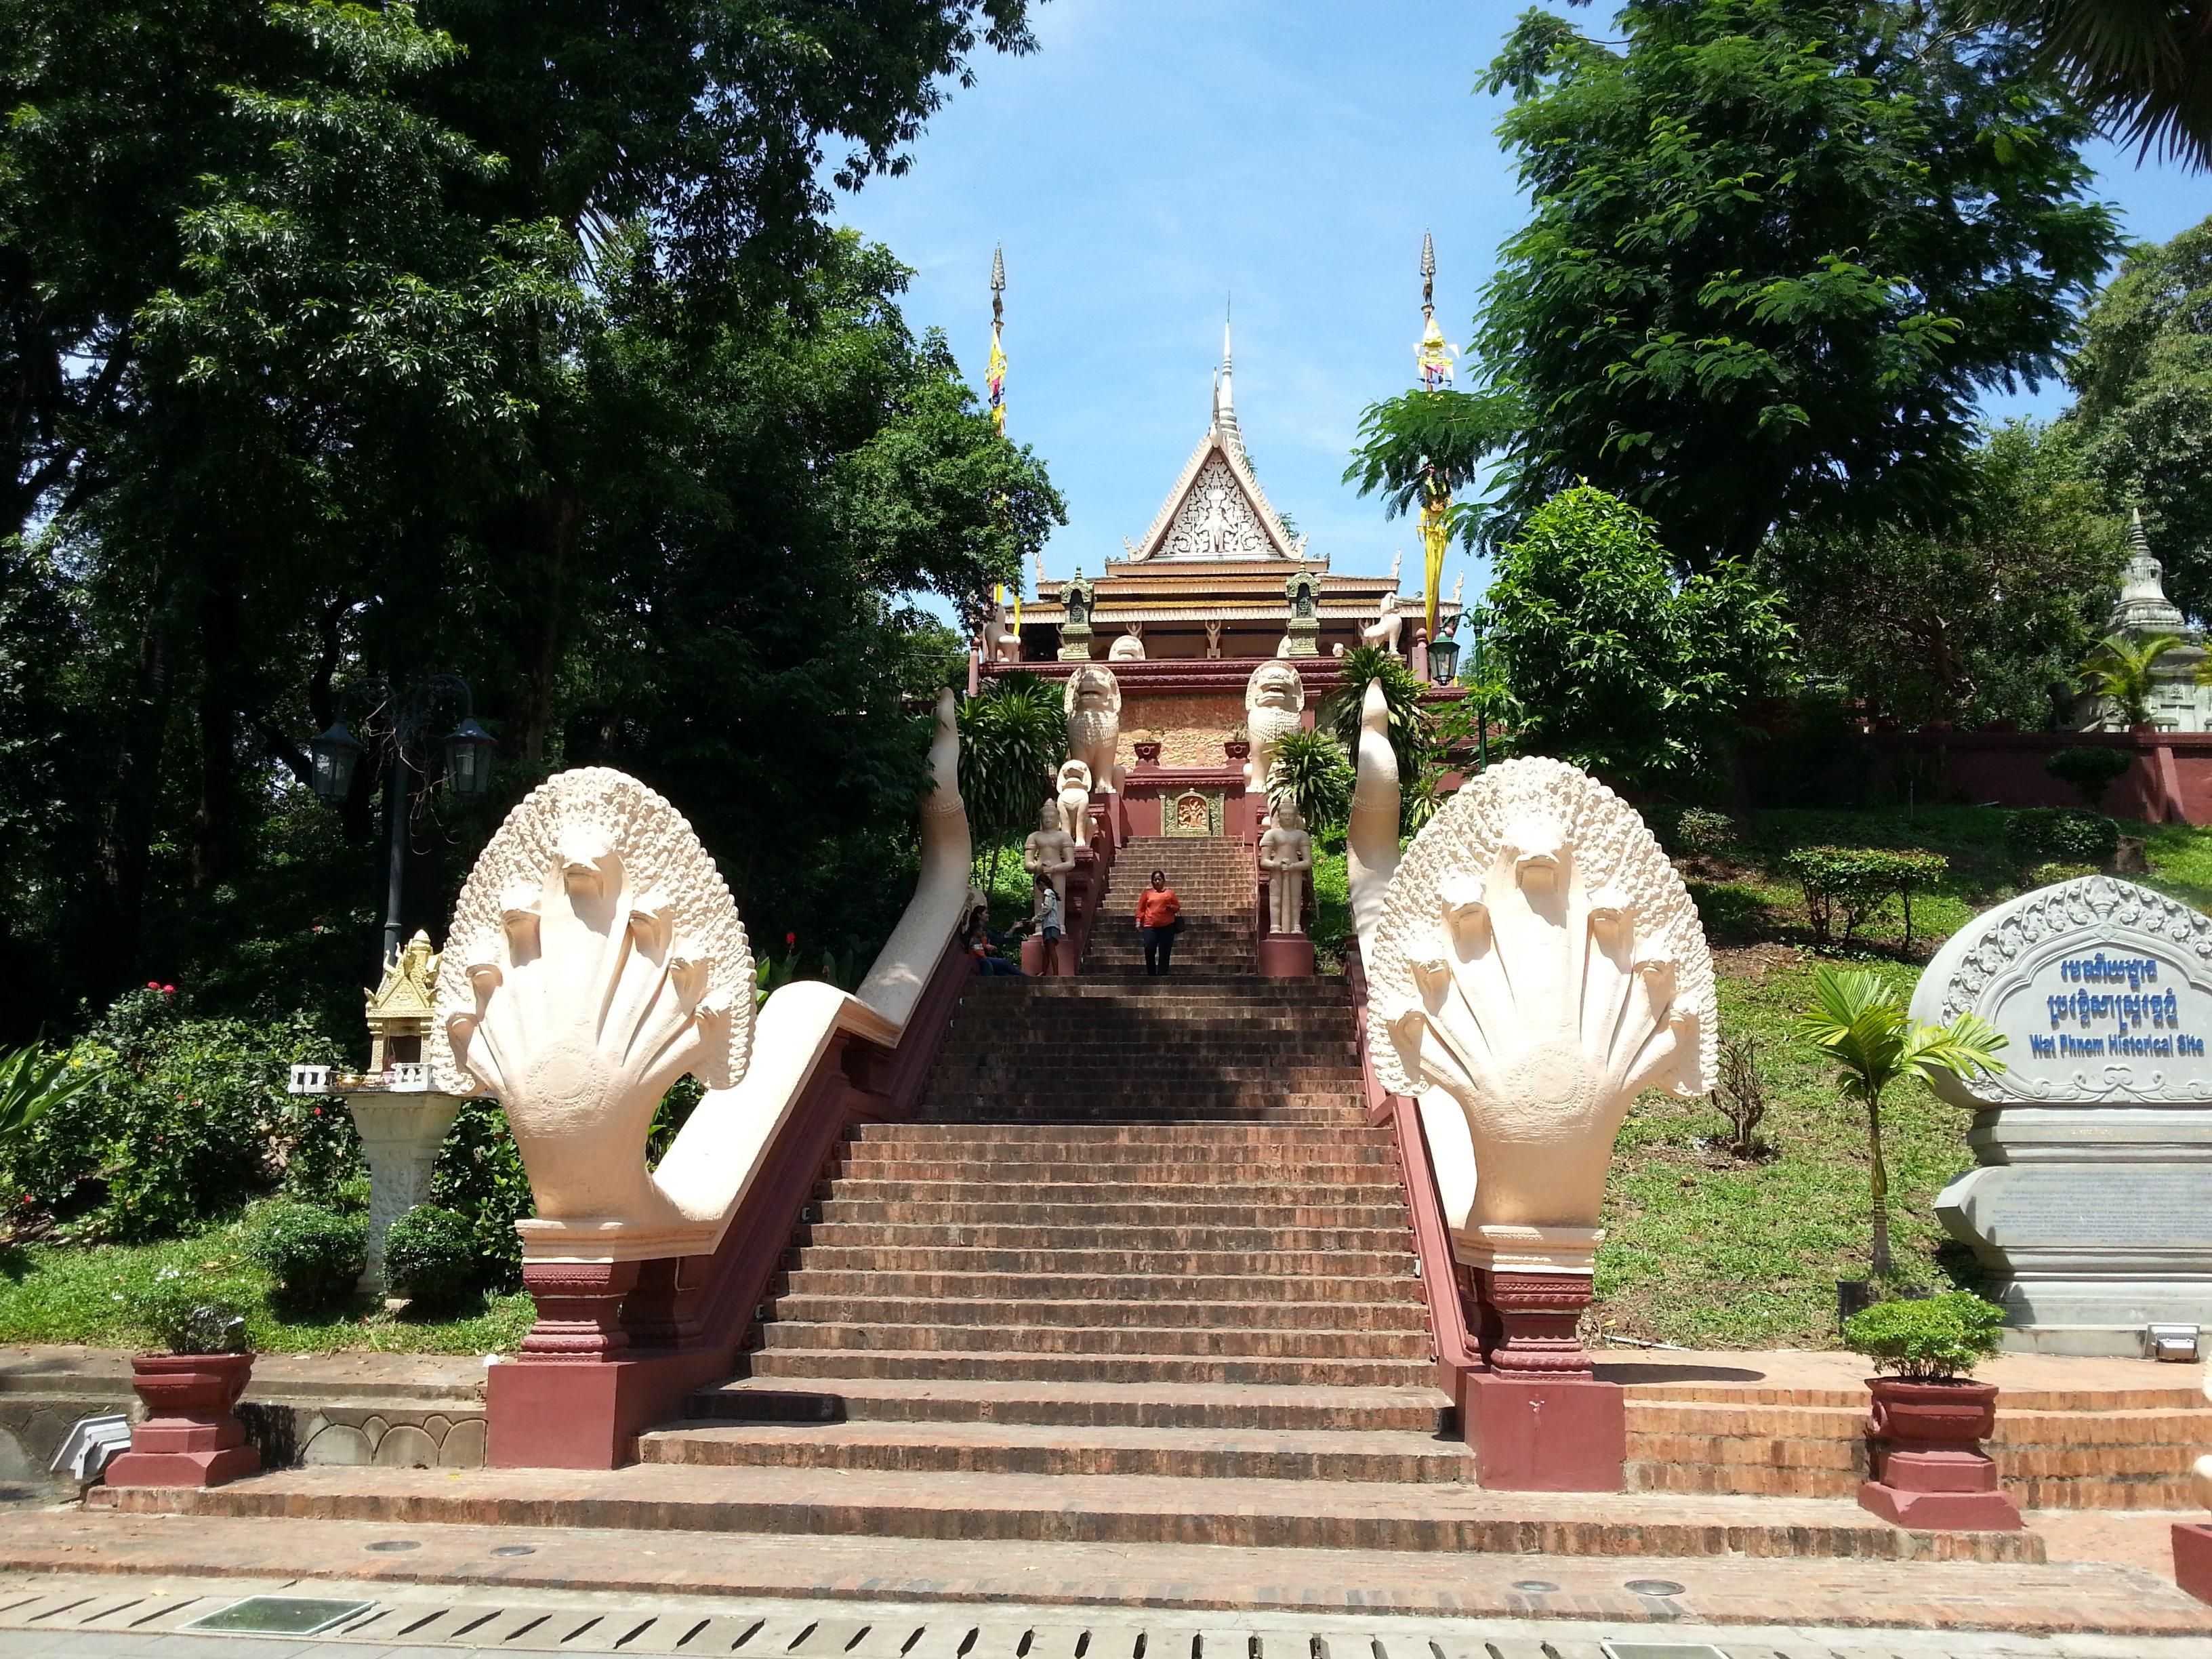 Stairs up to Wat Phnom